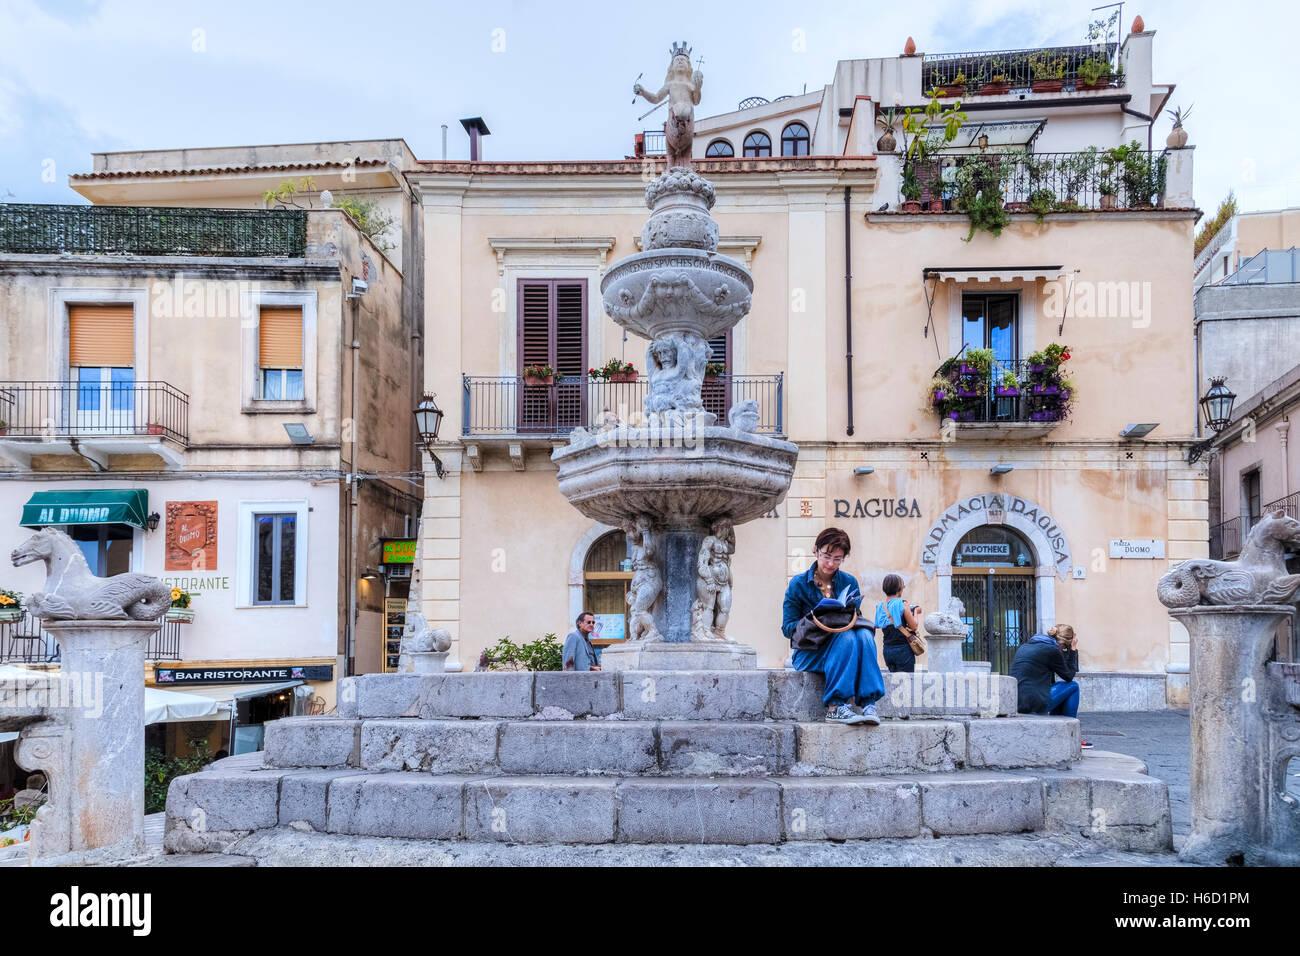 Piazza Duomo, Taormina, Messina, Sicily, Italy - Stock Image